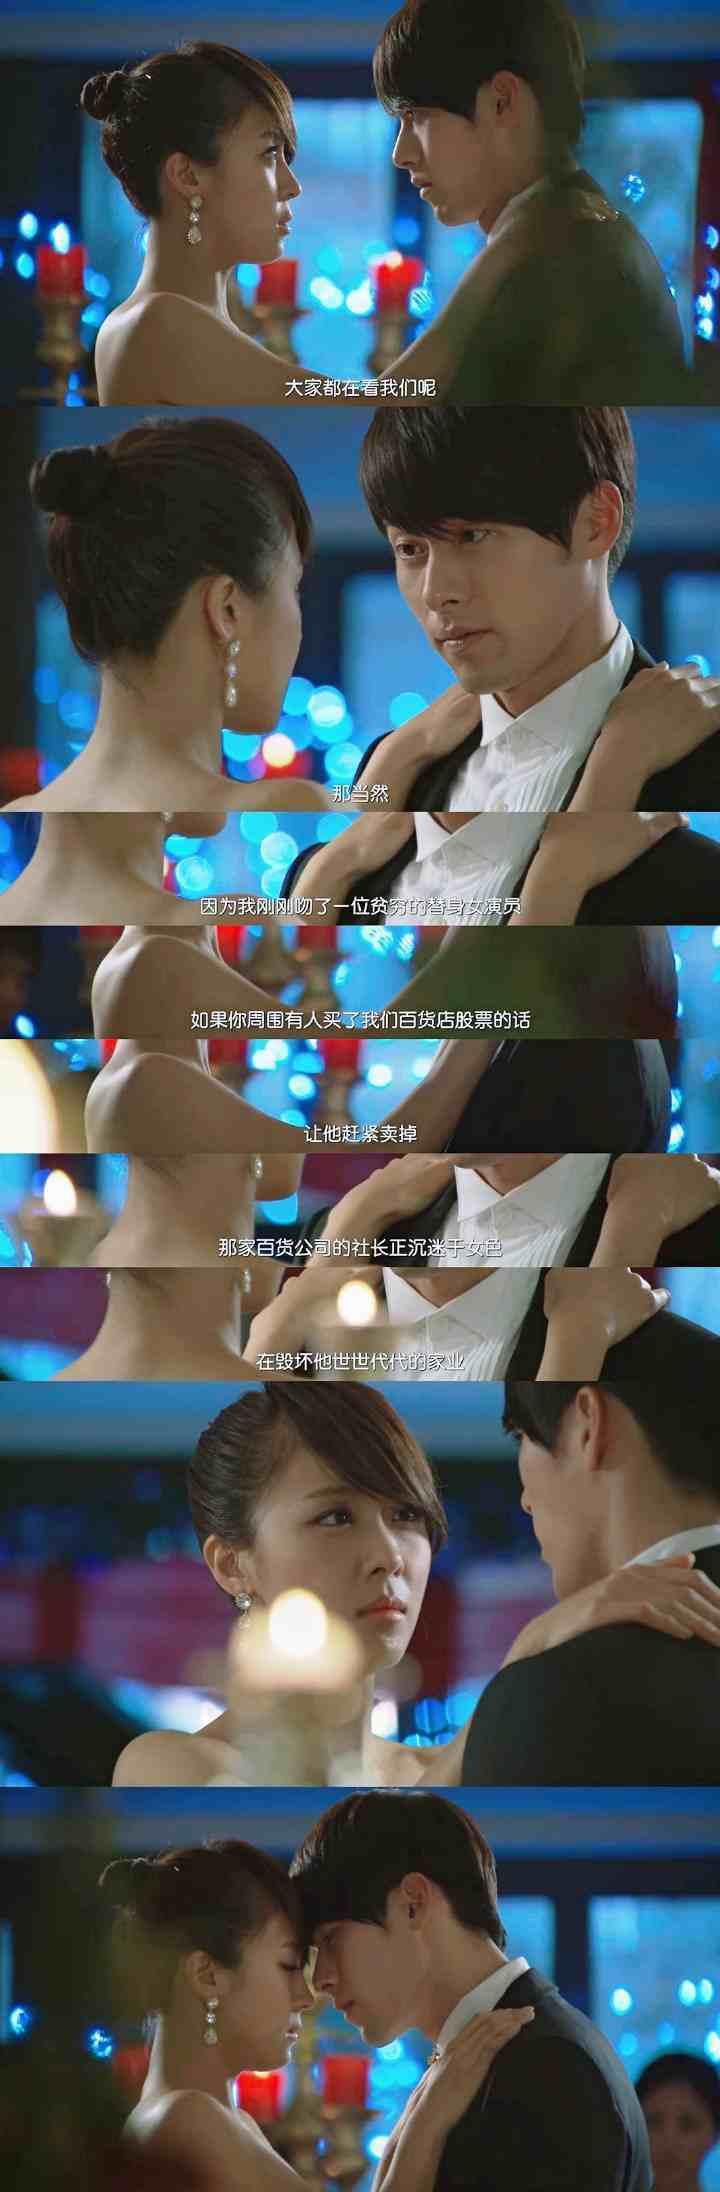 重看韩剧《秘密花园》